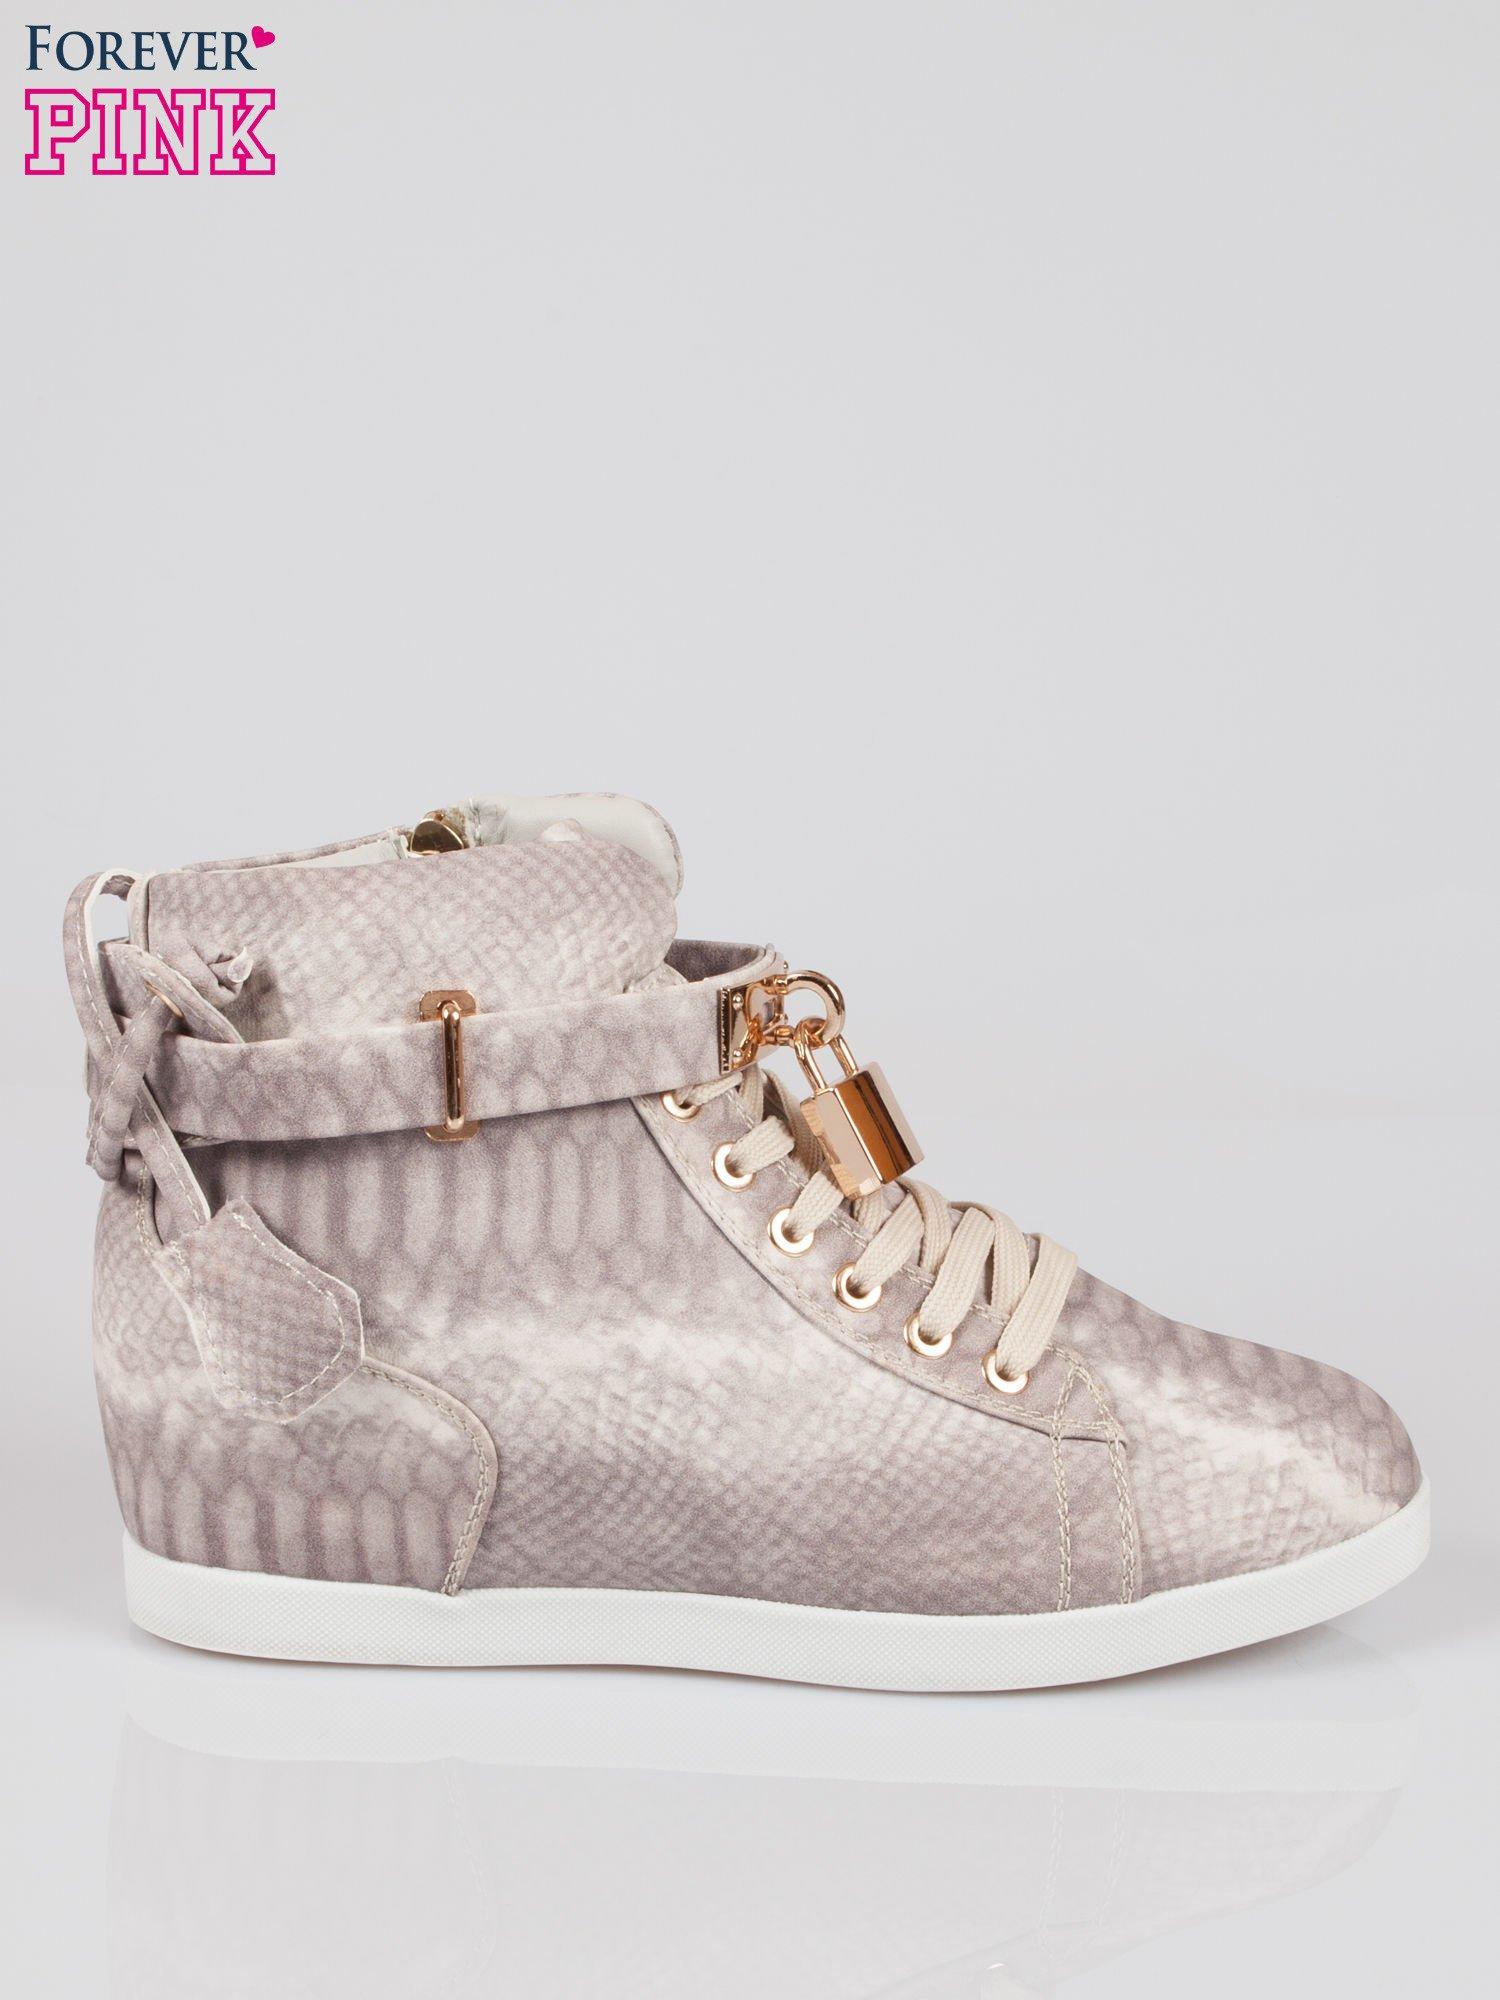 Wężowe sneakersy damskie ze złotą kłódką                                  zdj.                                  1